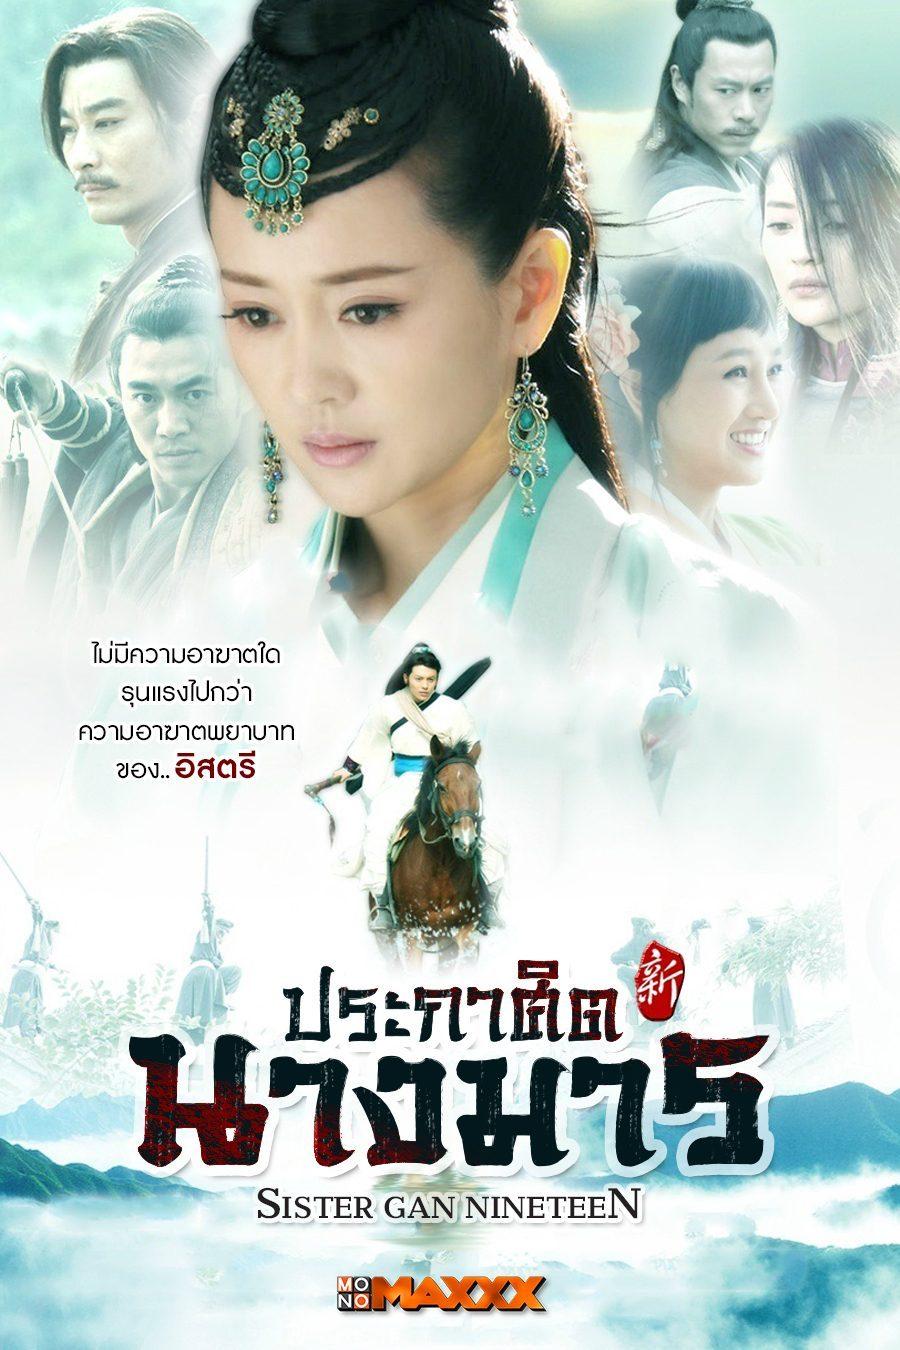 5 ซีรีส์จีนชิงรักหักสวาท ดูได้บน Monomaxxx.com เท่านั้น! - ดูหนังซีรีย์  ดูหนังผ่านเน็ต monomax.me ดูหนังออนไลน์ ดูหนัง H...